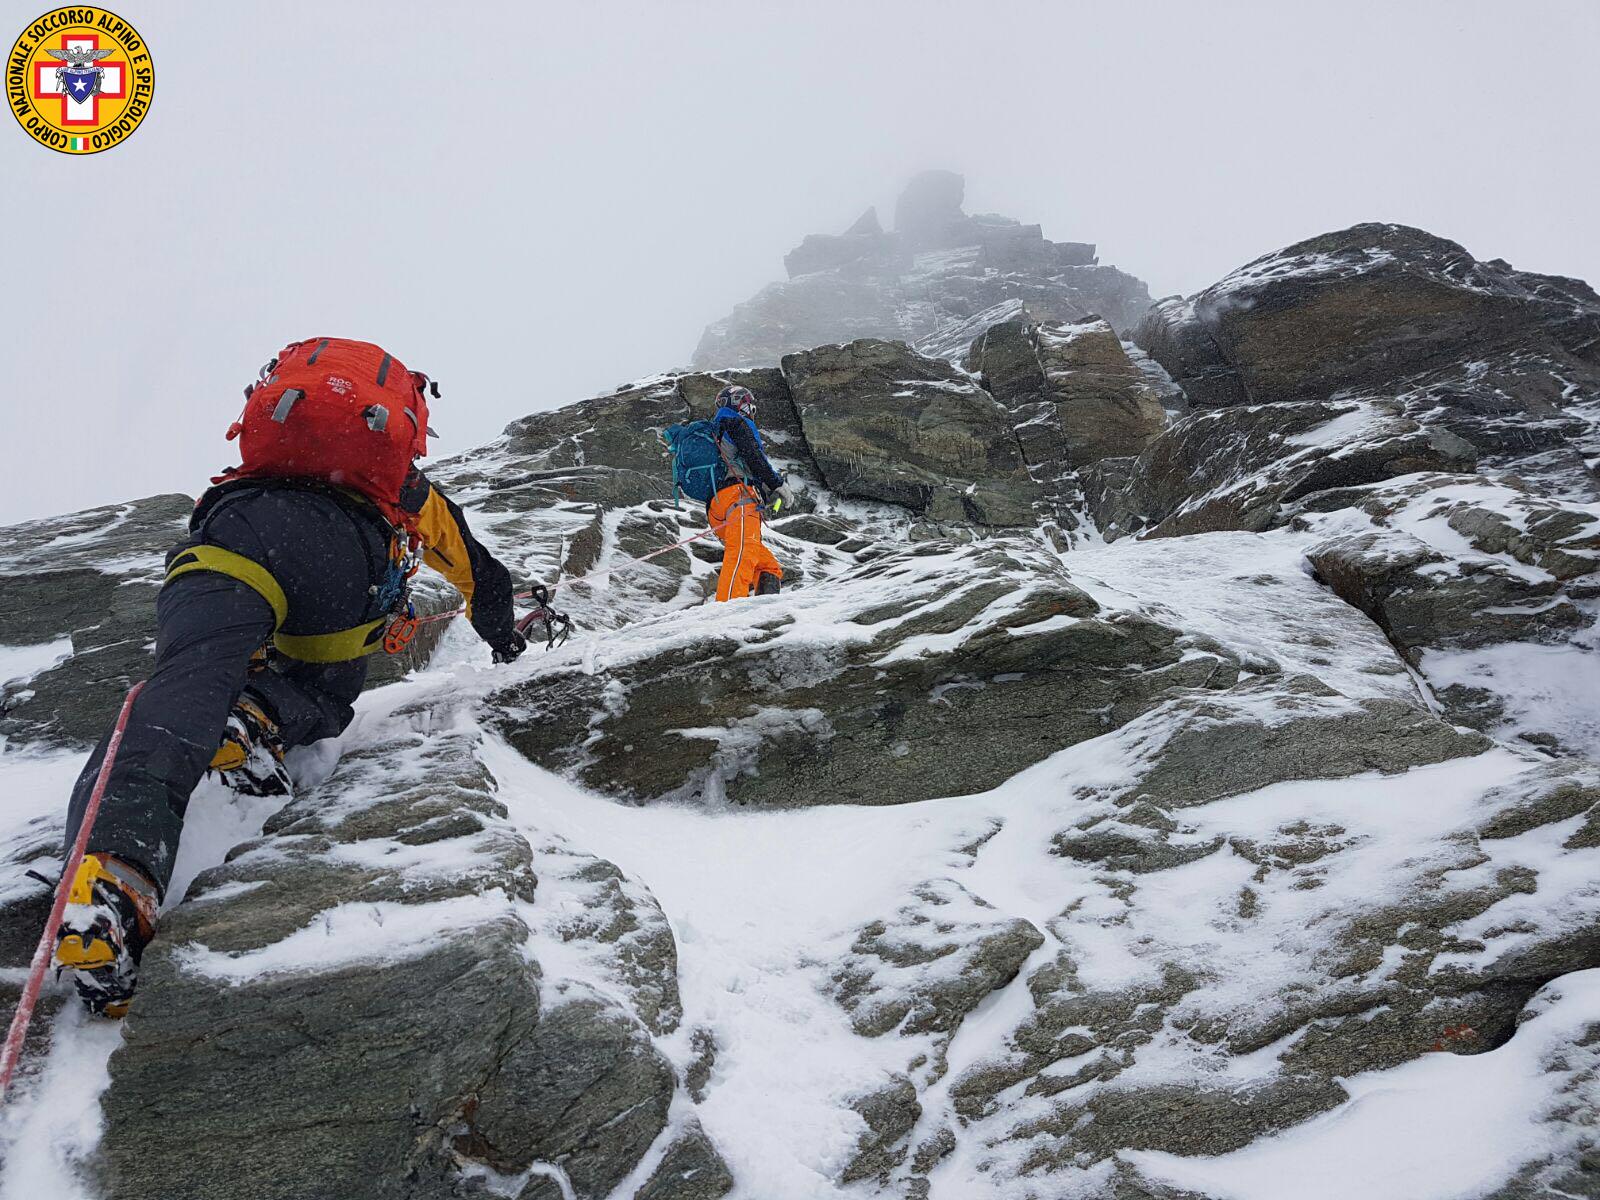 Intervento Soccorso Alpino e Speleologico CNSAS